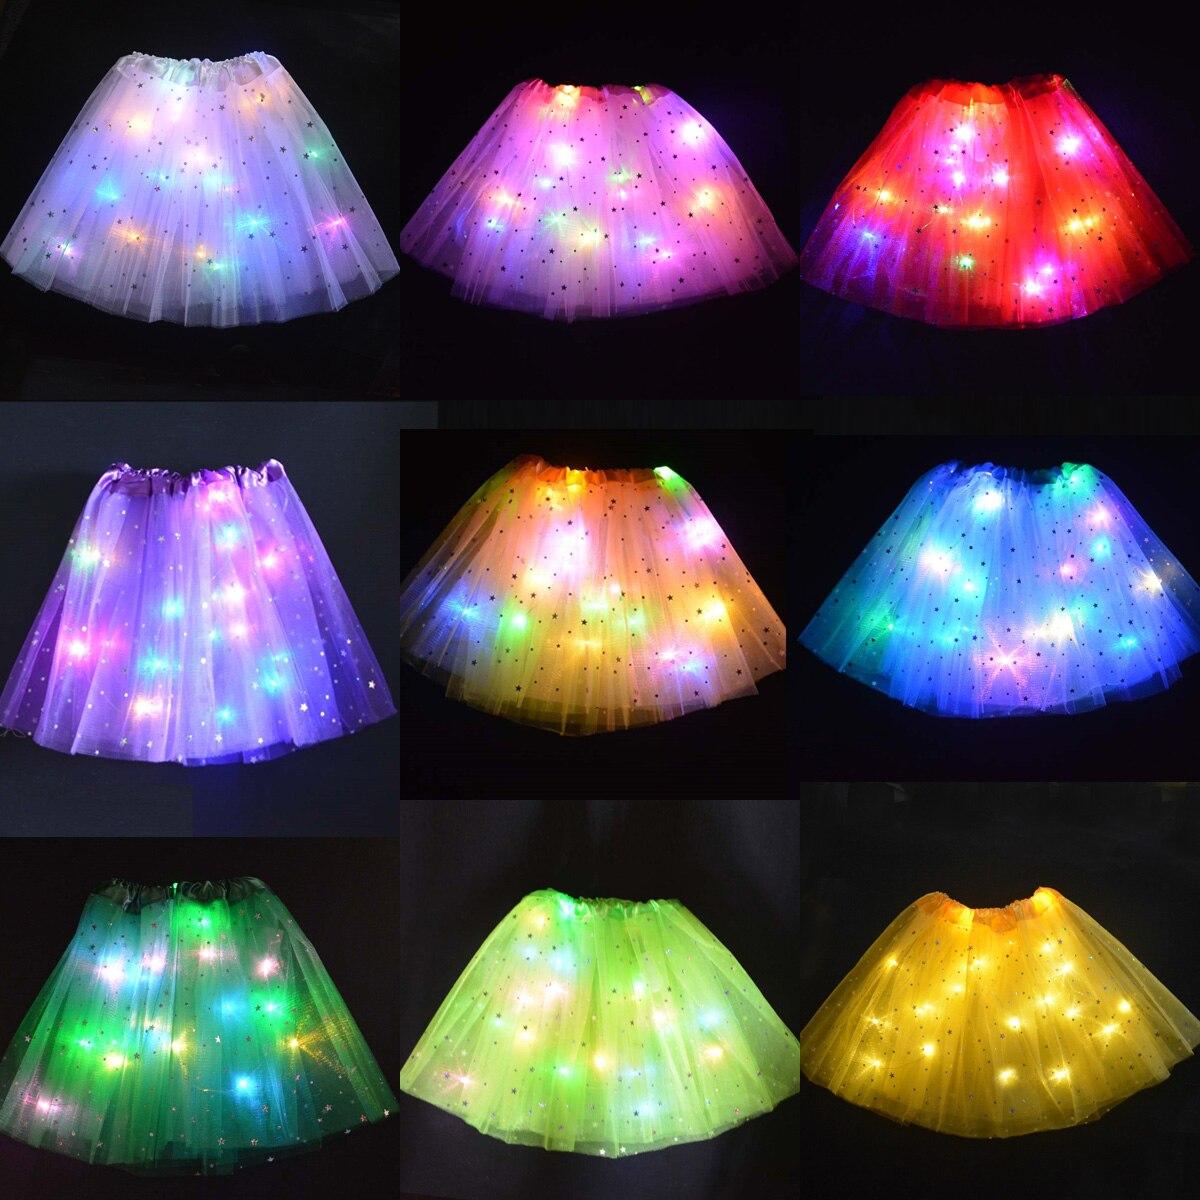 Flower Girl Kids Star LED Glowing Tutu Lighted Skirt Princess Party Tulle Pettiskirt Ballet Birthday Gift Costume Wedding Skirts